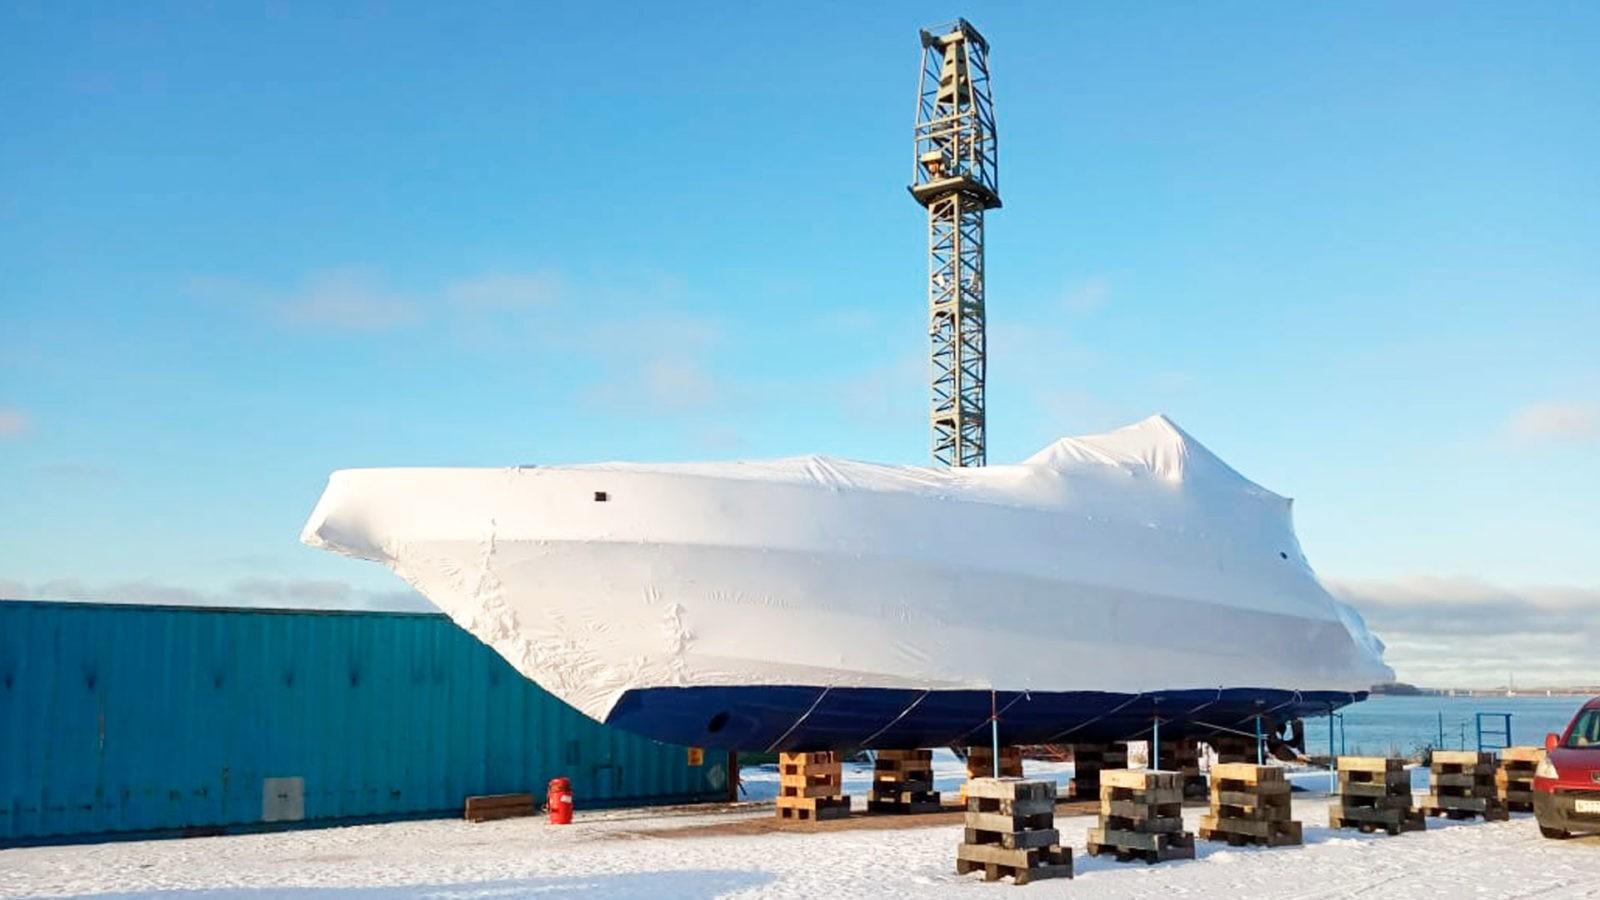 Укрытие судов в термоусадочную пленку проводится в конце навигационного сезона